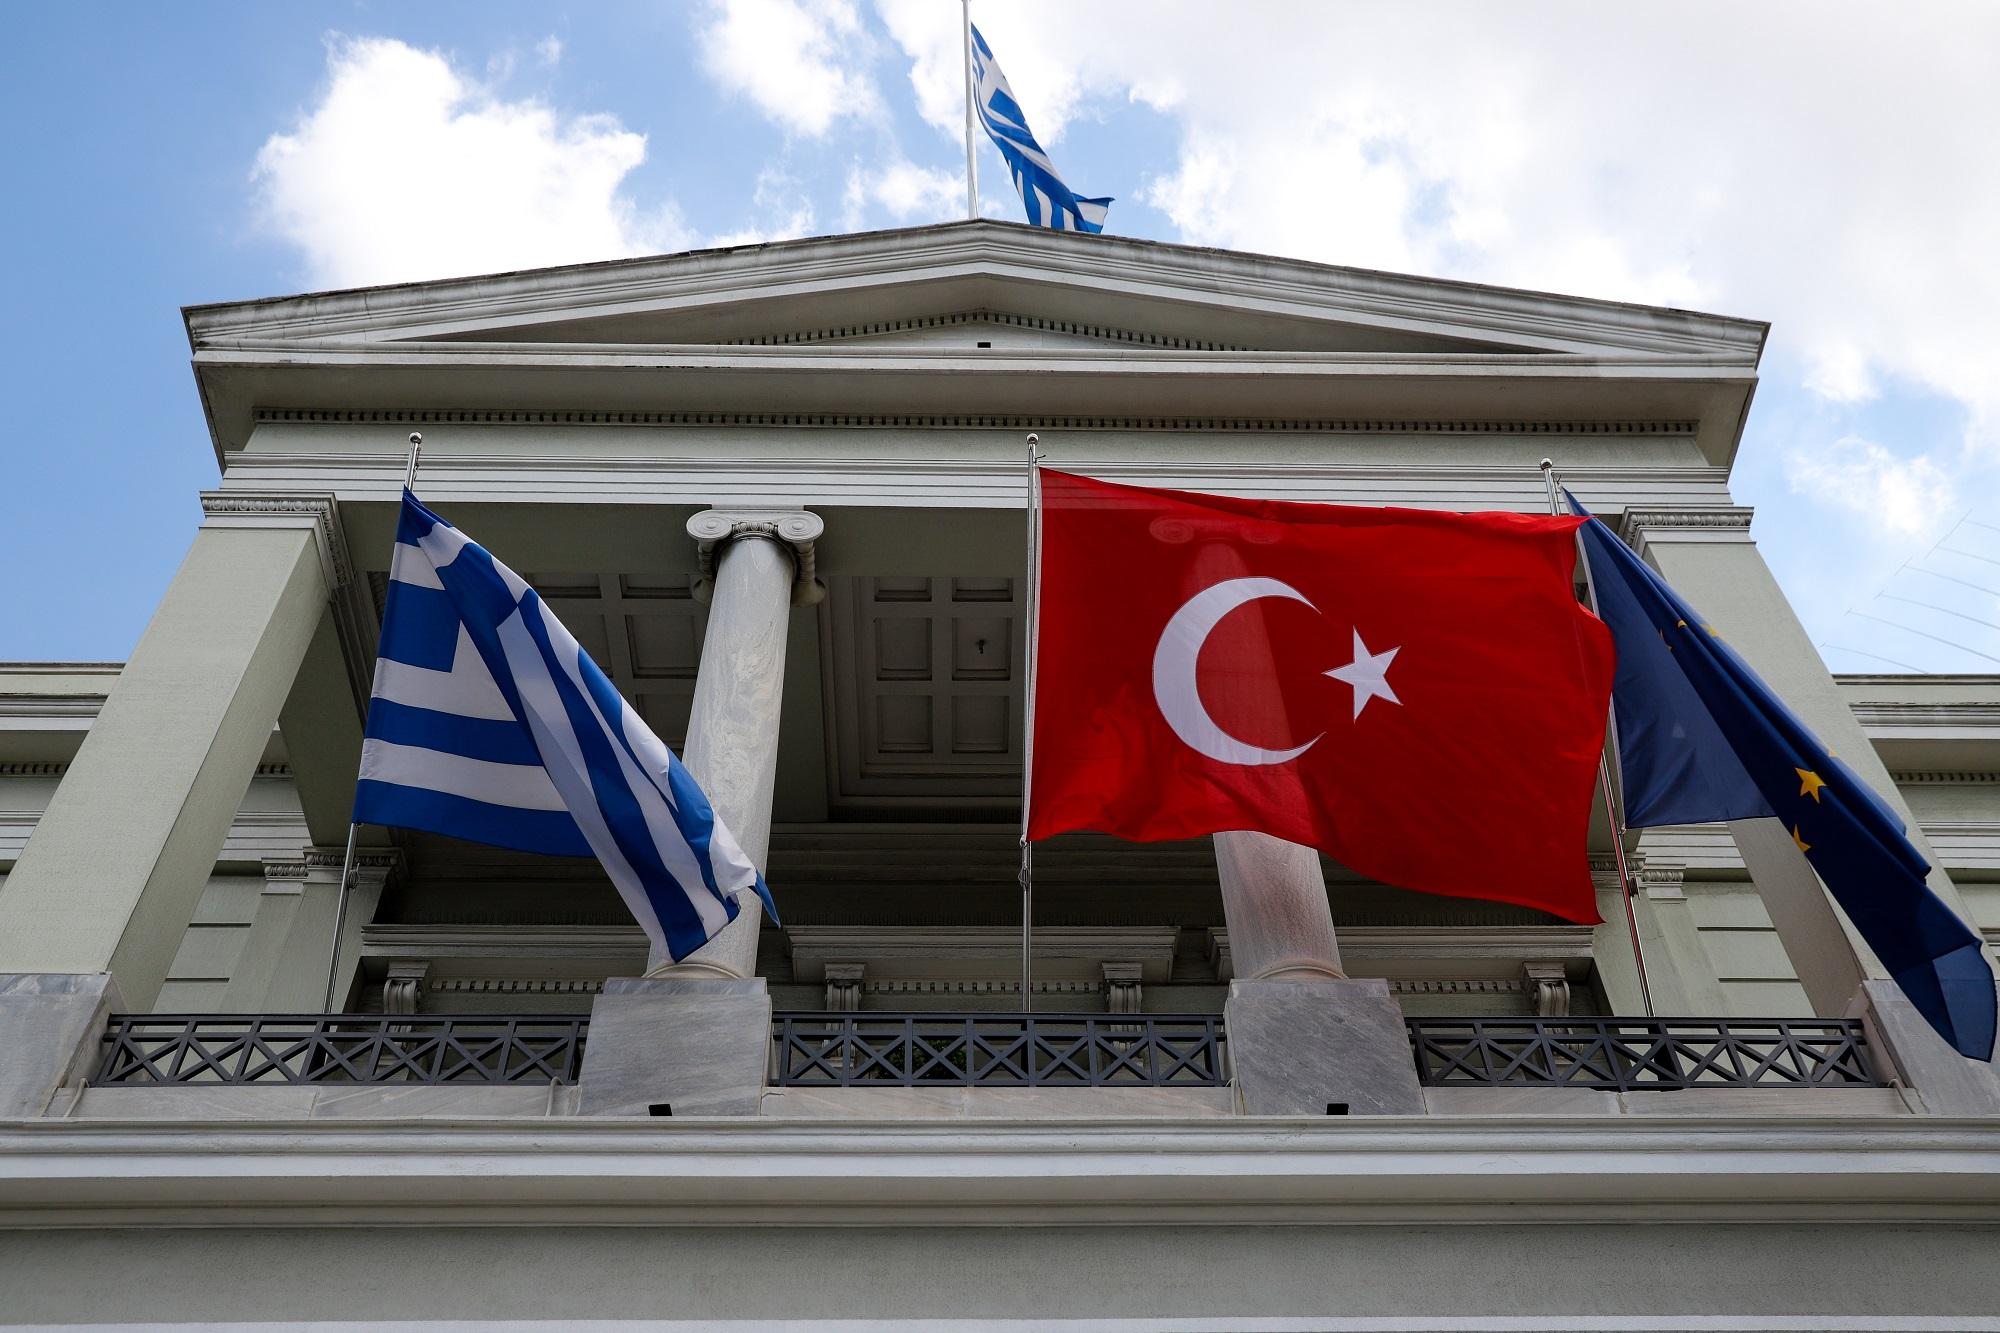 Εβδομάδα διπλωματικής κινητικότητας – Στο προσκήνιο οι σχέσεις ΕΕ & Τουρκίας